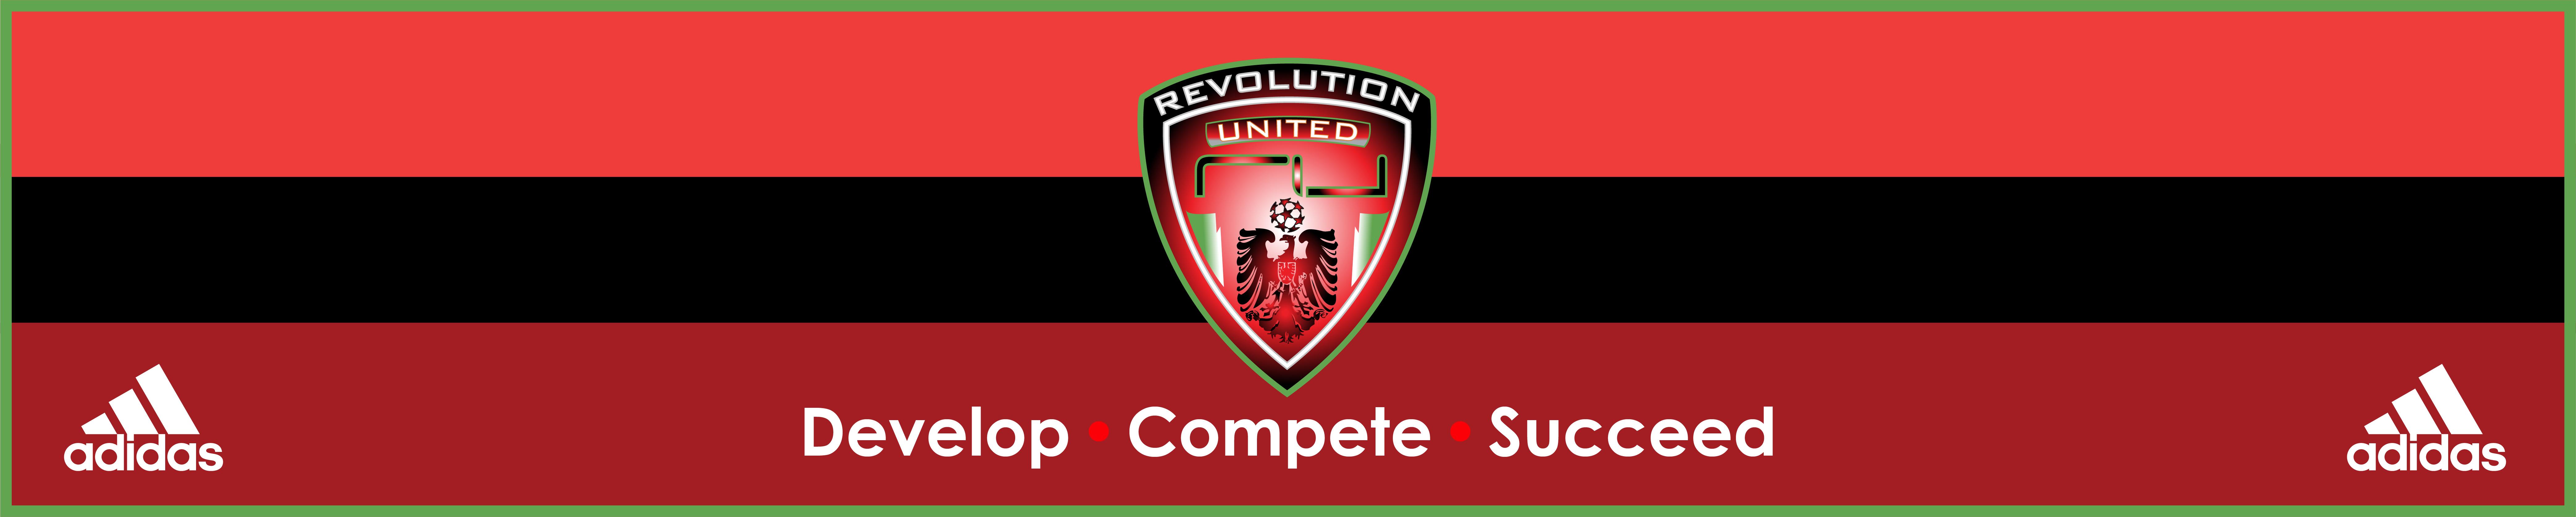 Revolution United FC, Soccer, Goal, Field